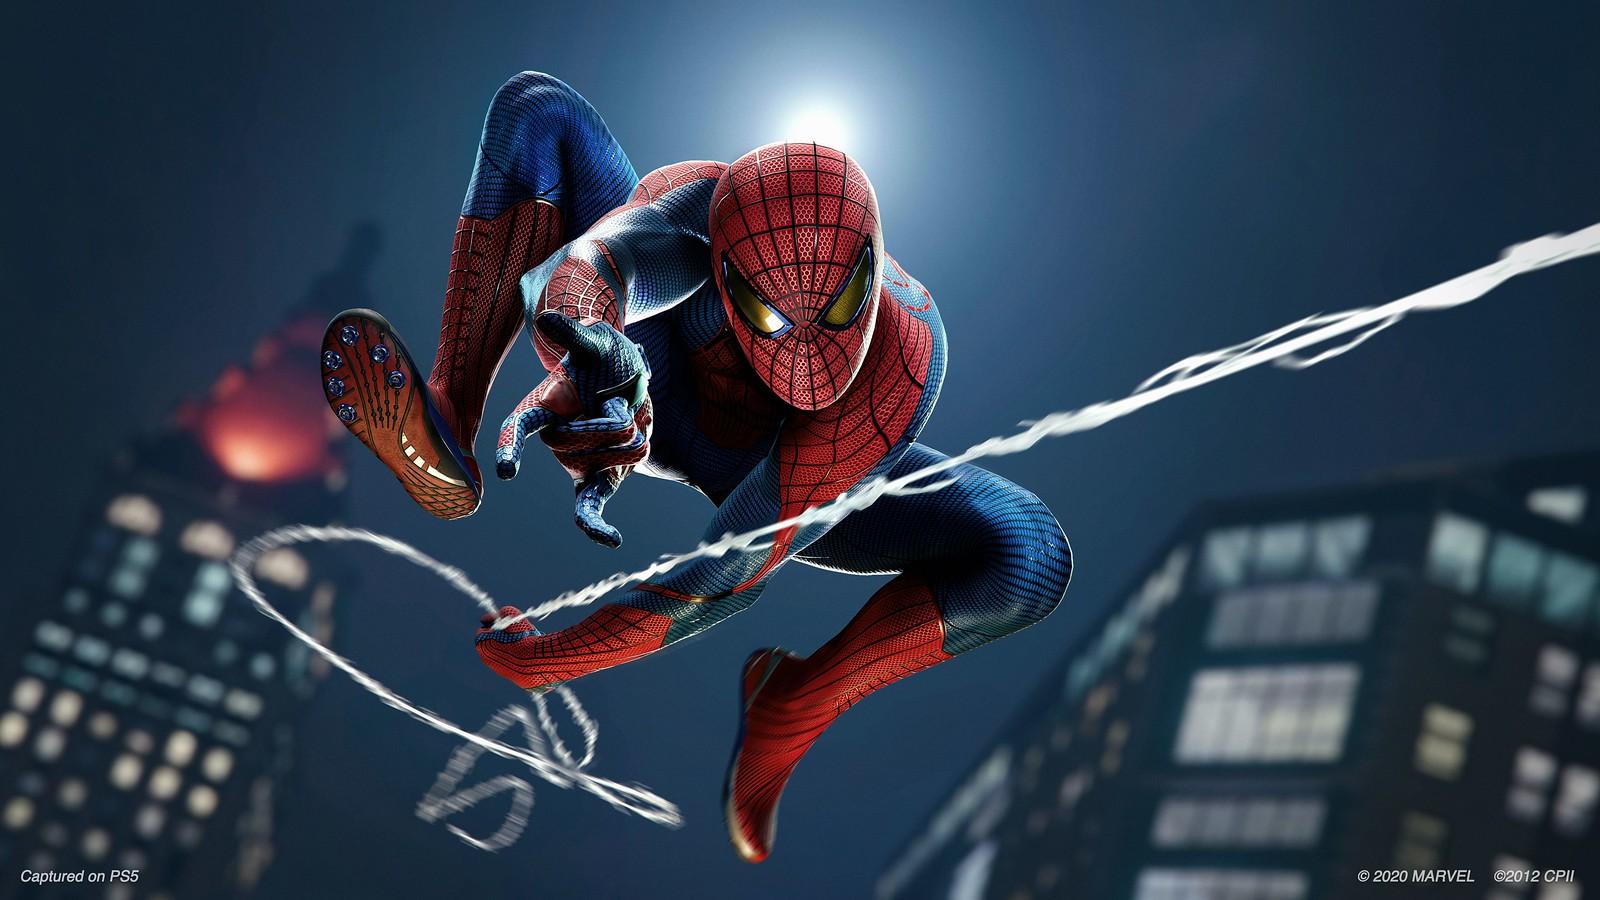 Marvel's Spider-Man Remastered Amazing Spider-Man